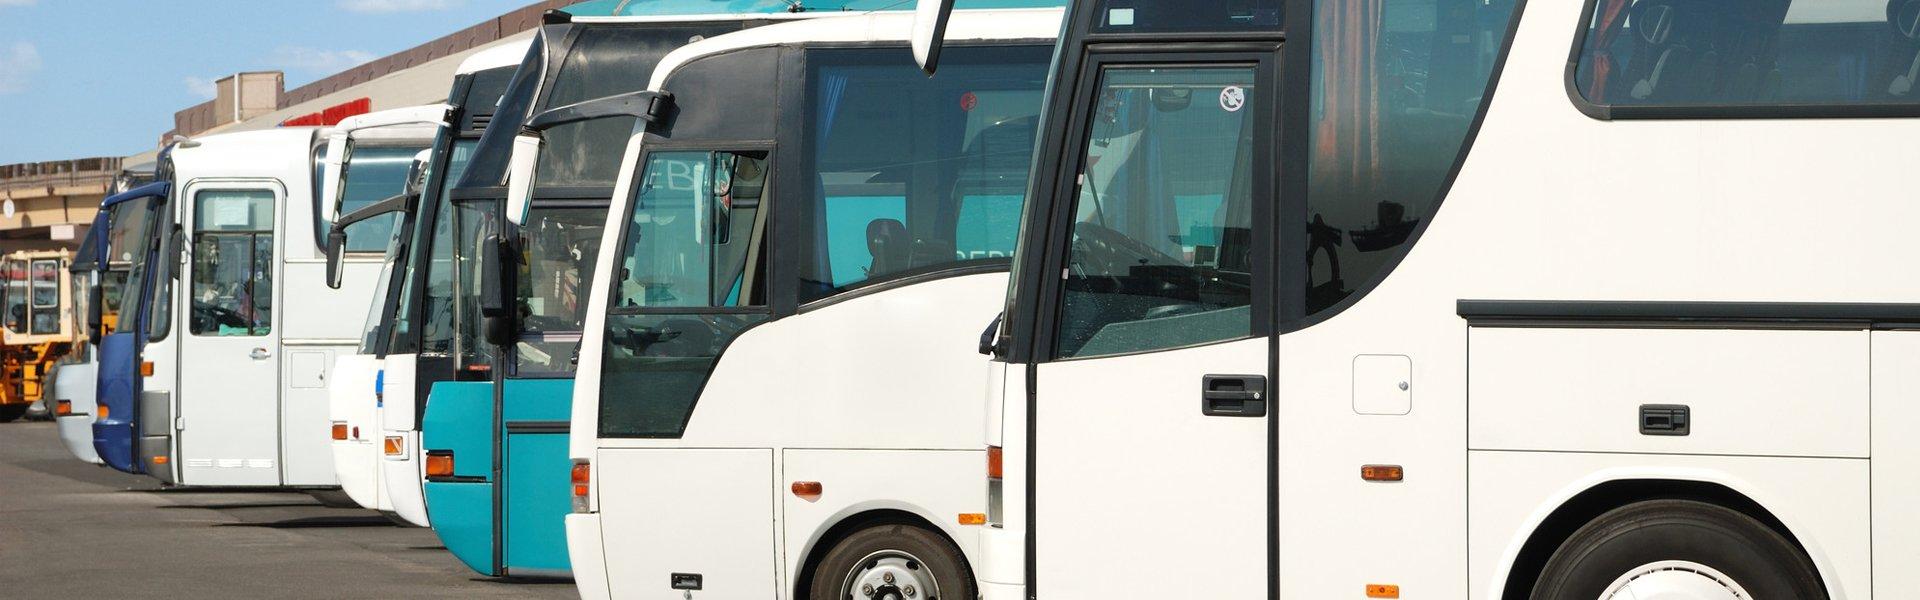 white coaches